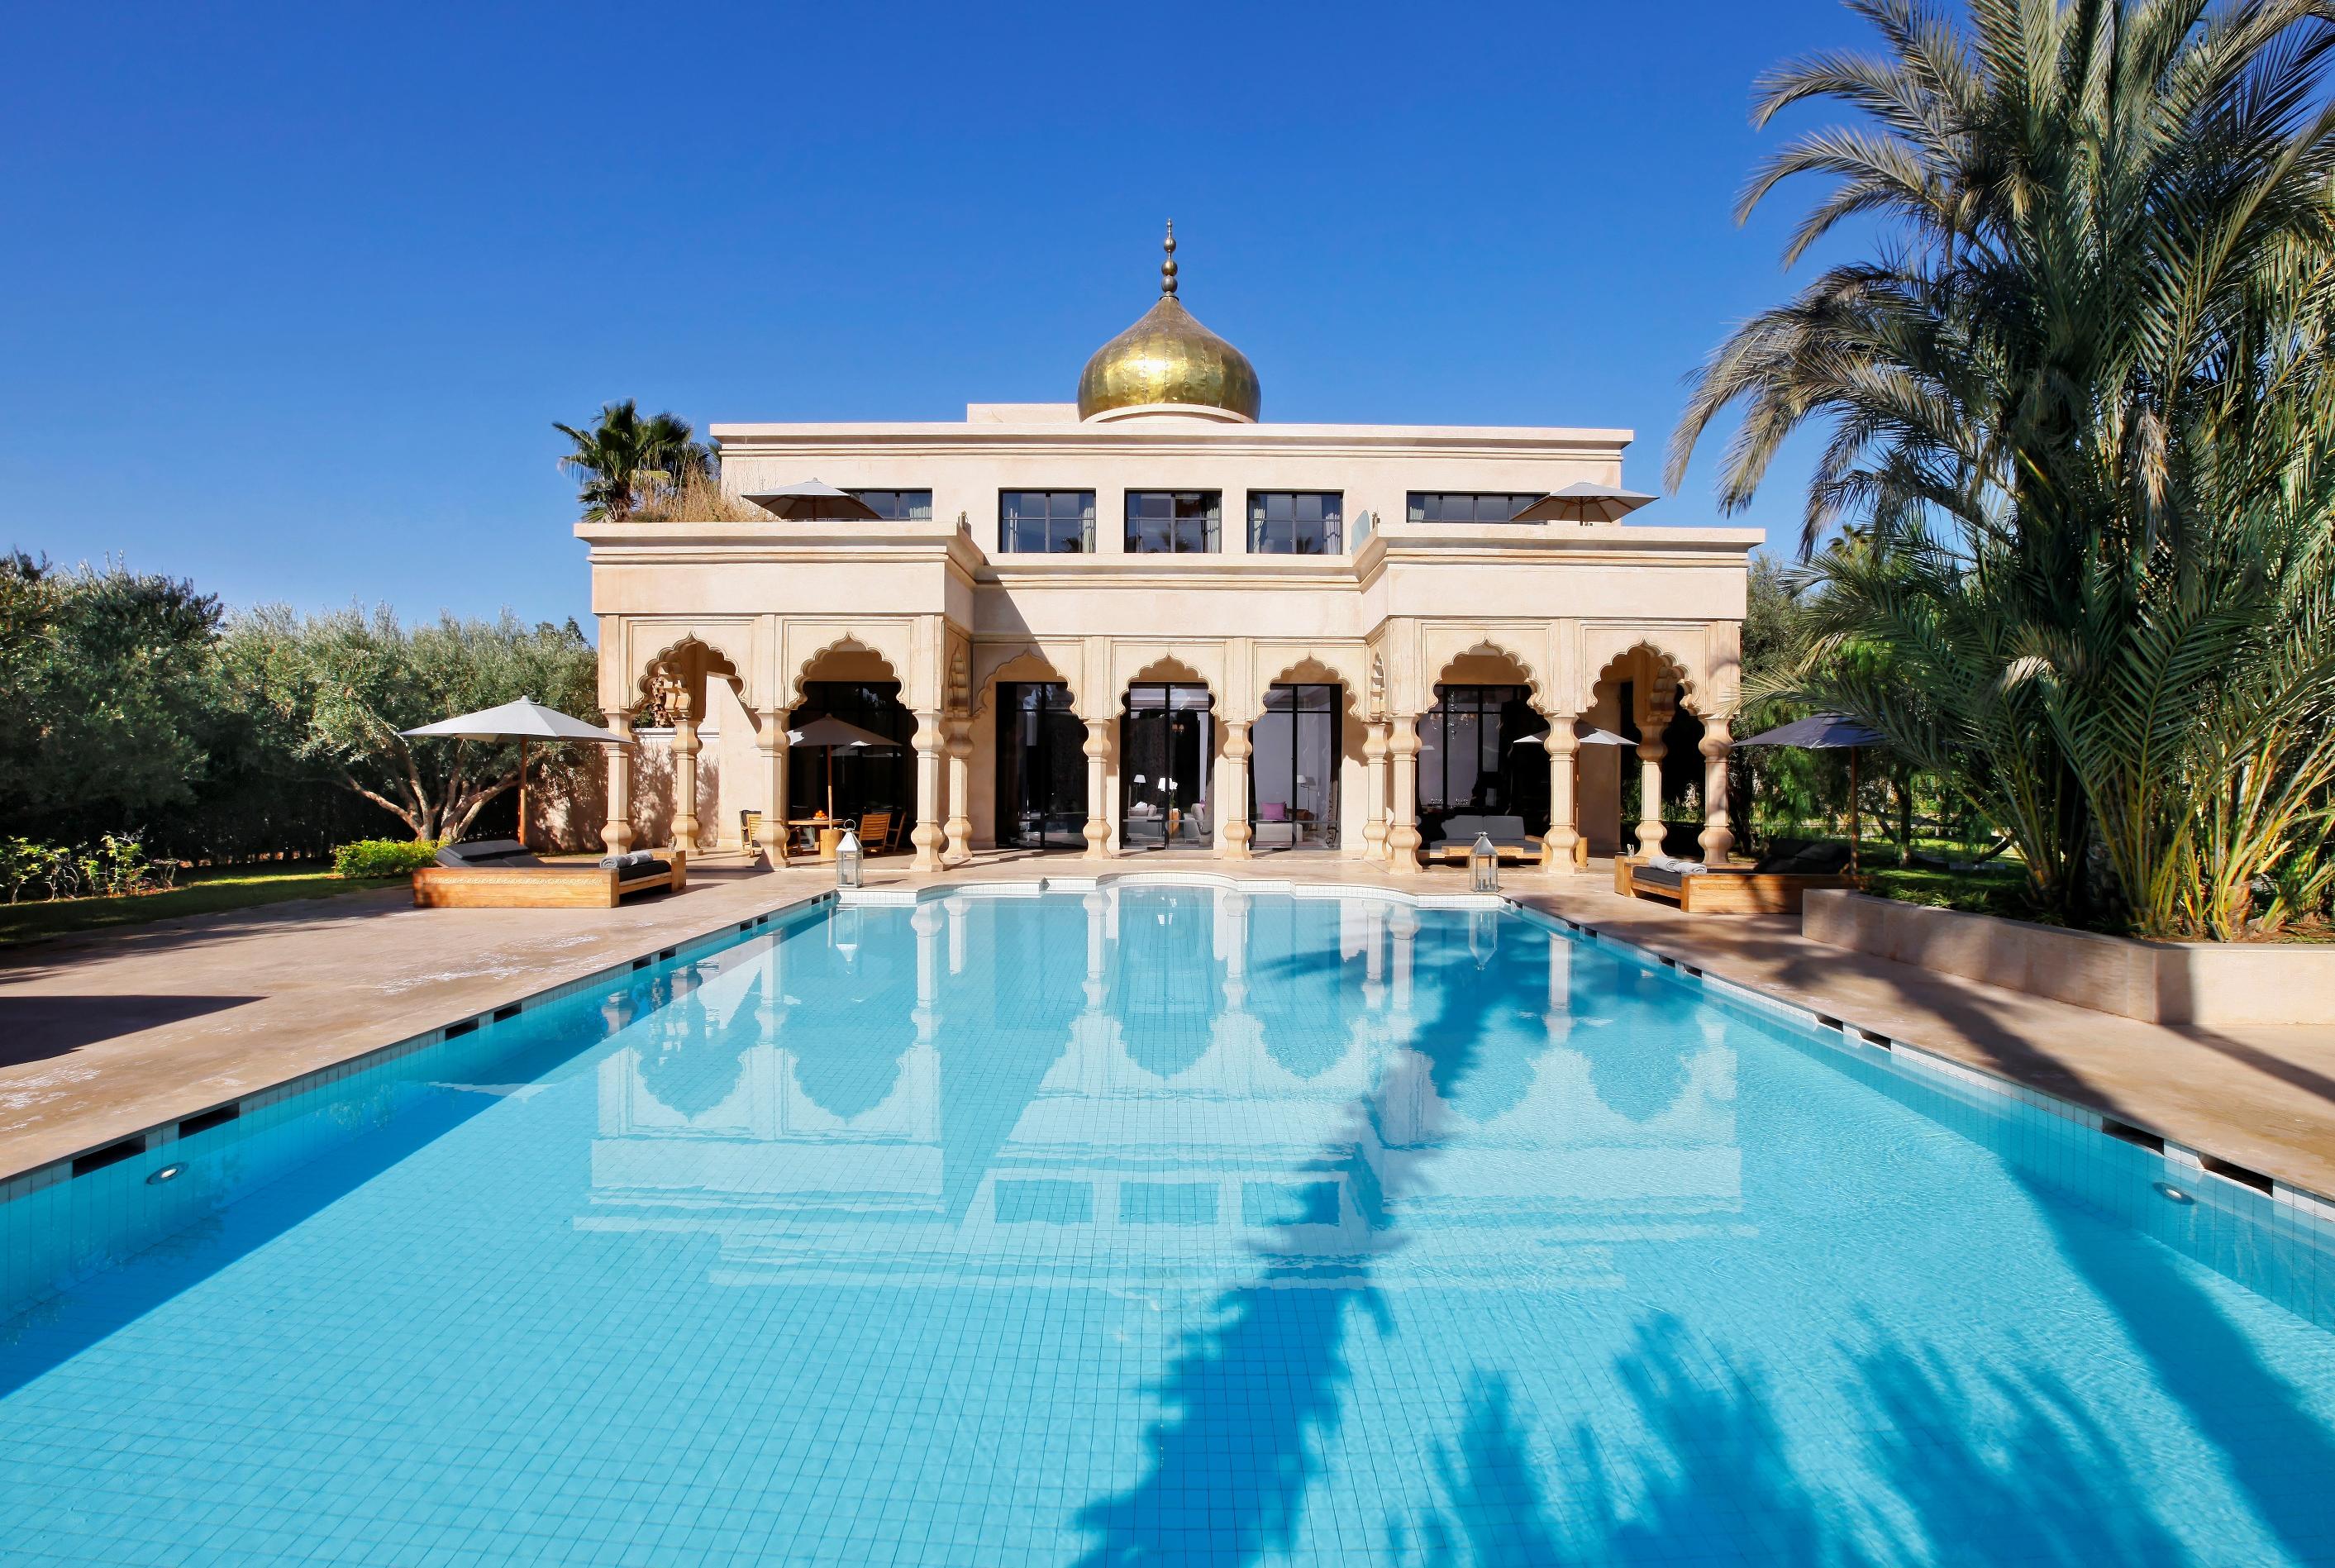 Le Palais Namaskar Luxe Calme Et Volupt Marrakech Luxsure